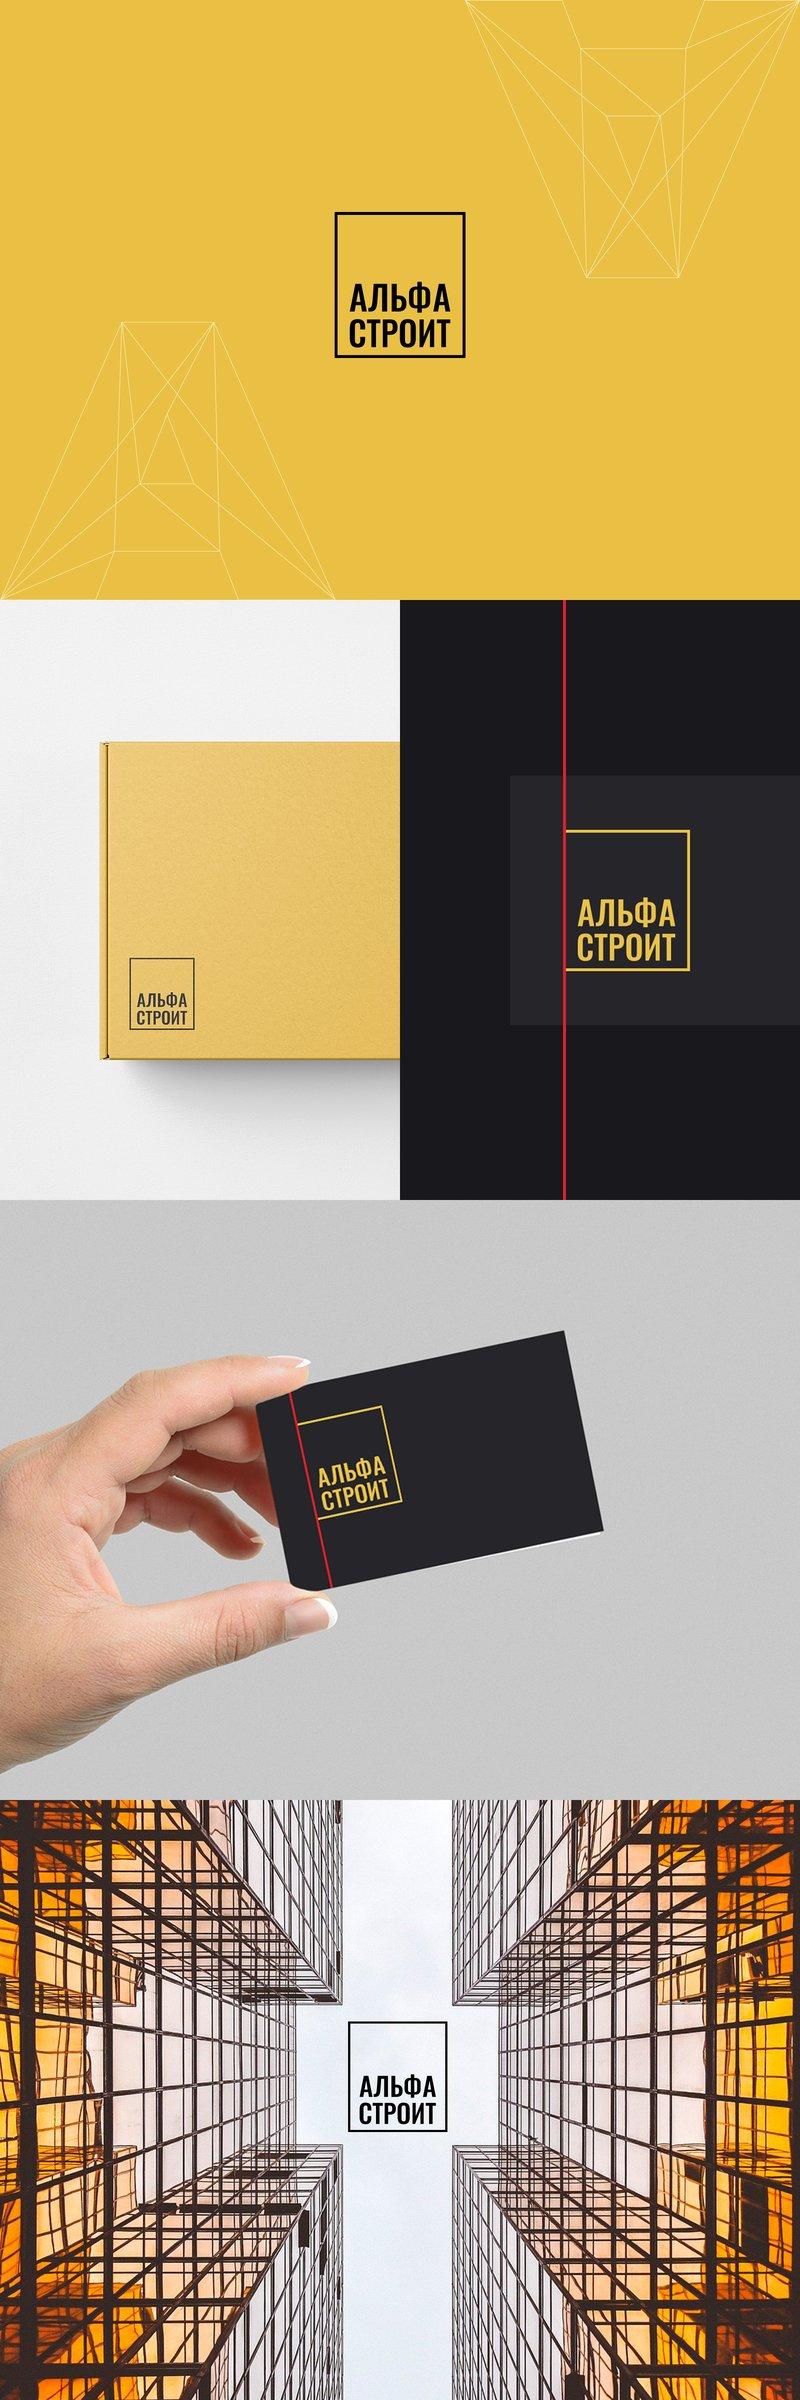 Минималистичный логотип Альфа Строит – работа в портфолио фрилансера